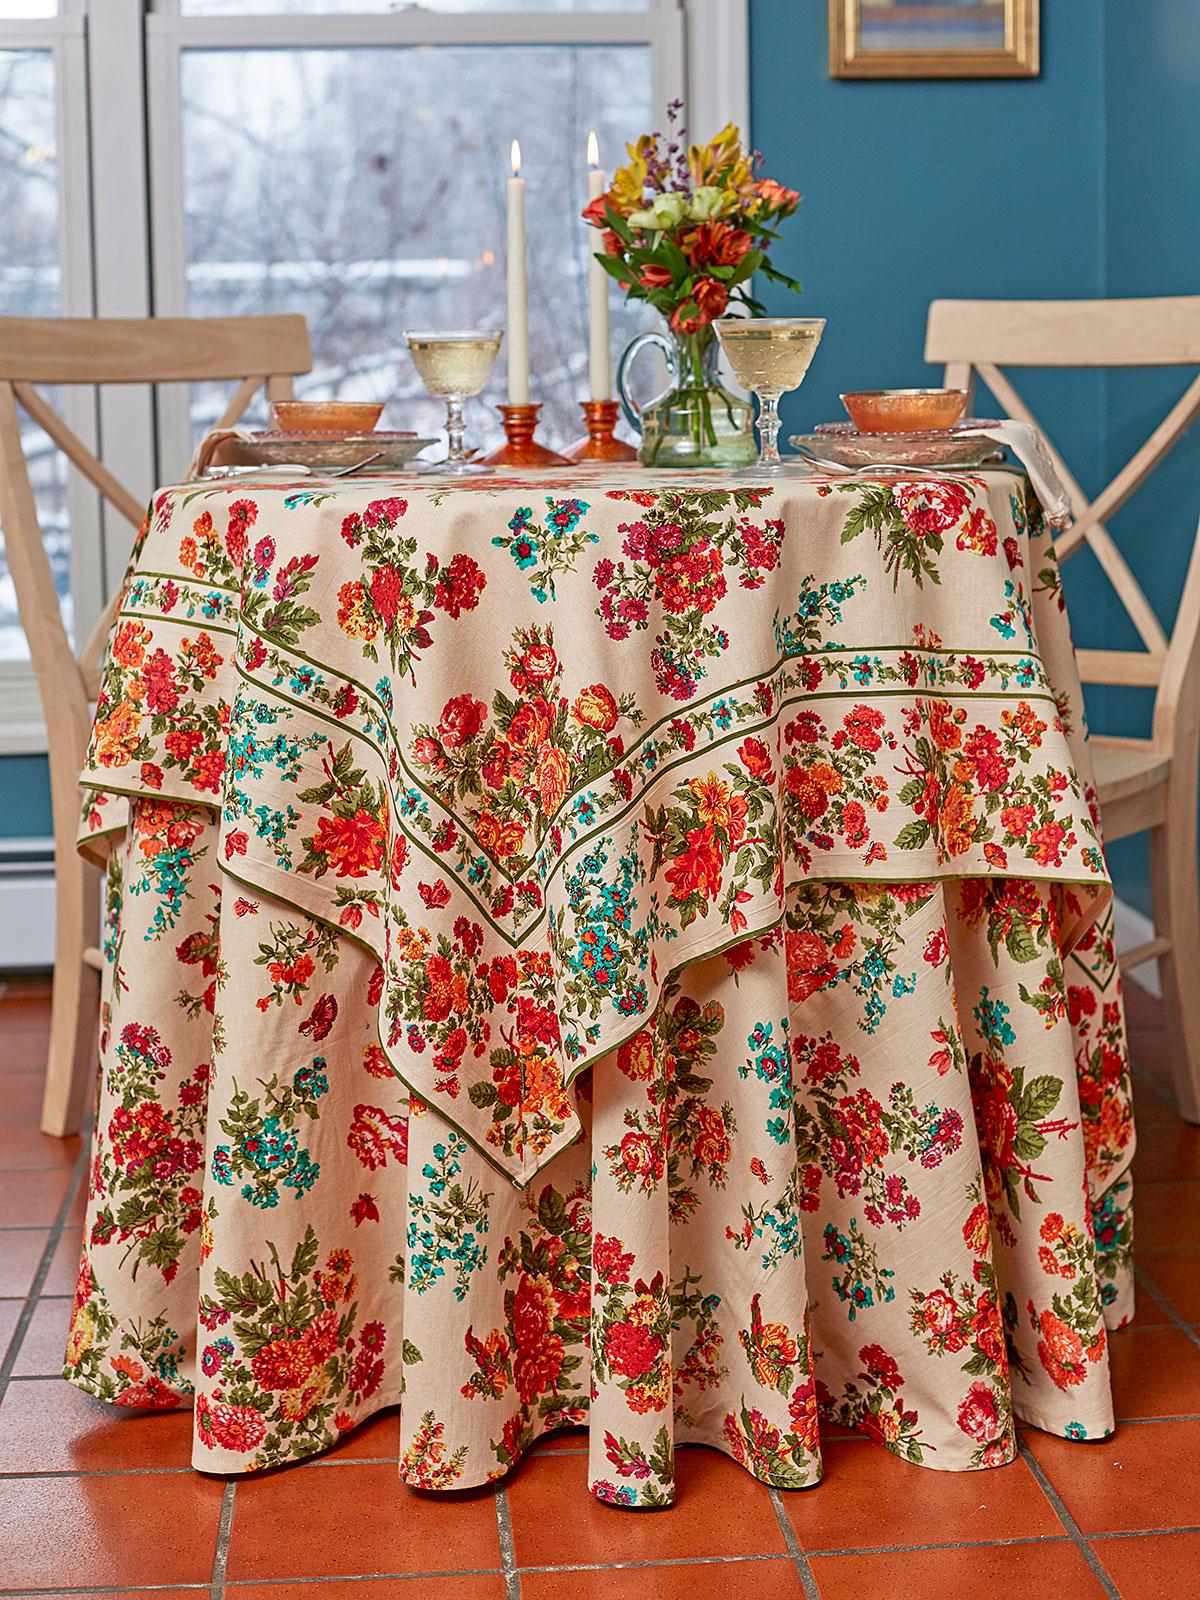 Artist Garden Table Setting